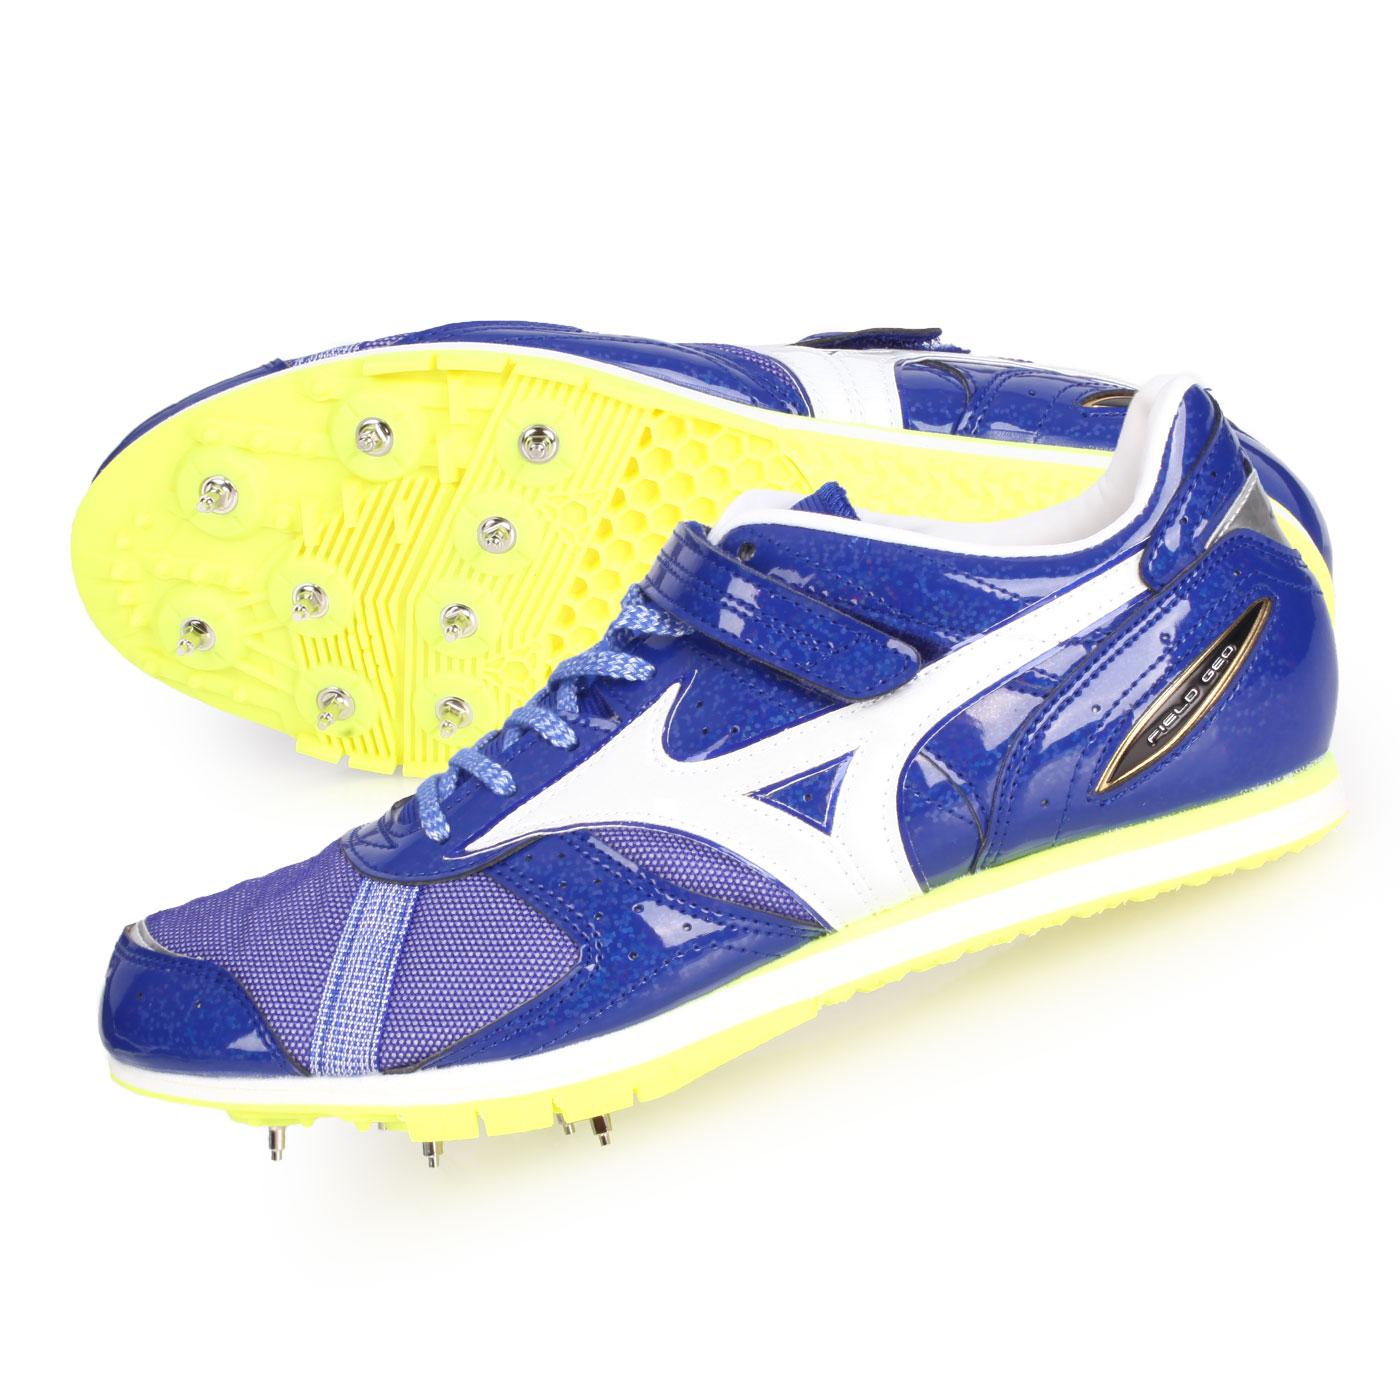 MIZUNO 特定-日製田徑釘鞋(三級跳)  @FIELD GEO AJ-B@U1GA194101 - 藍白銀